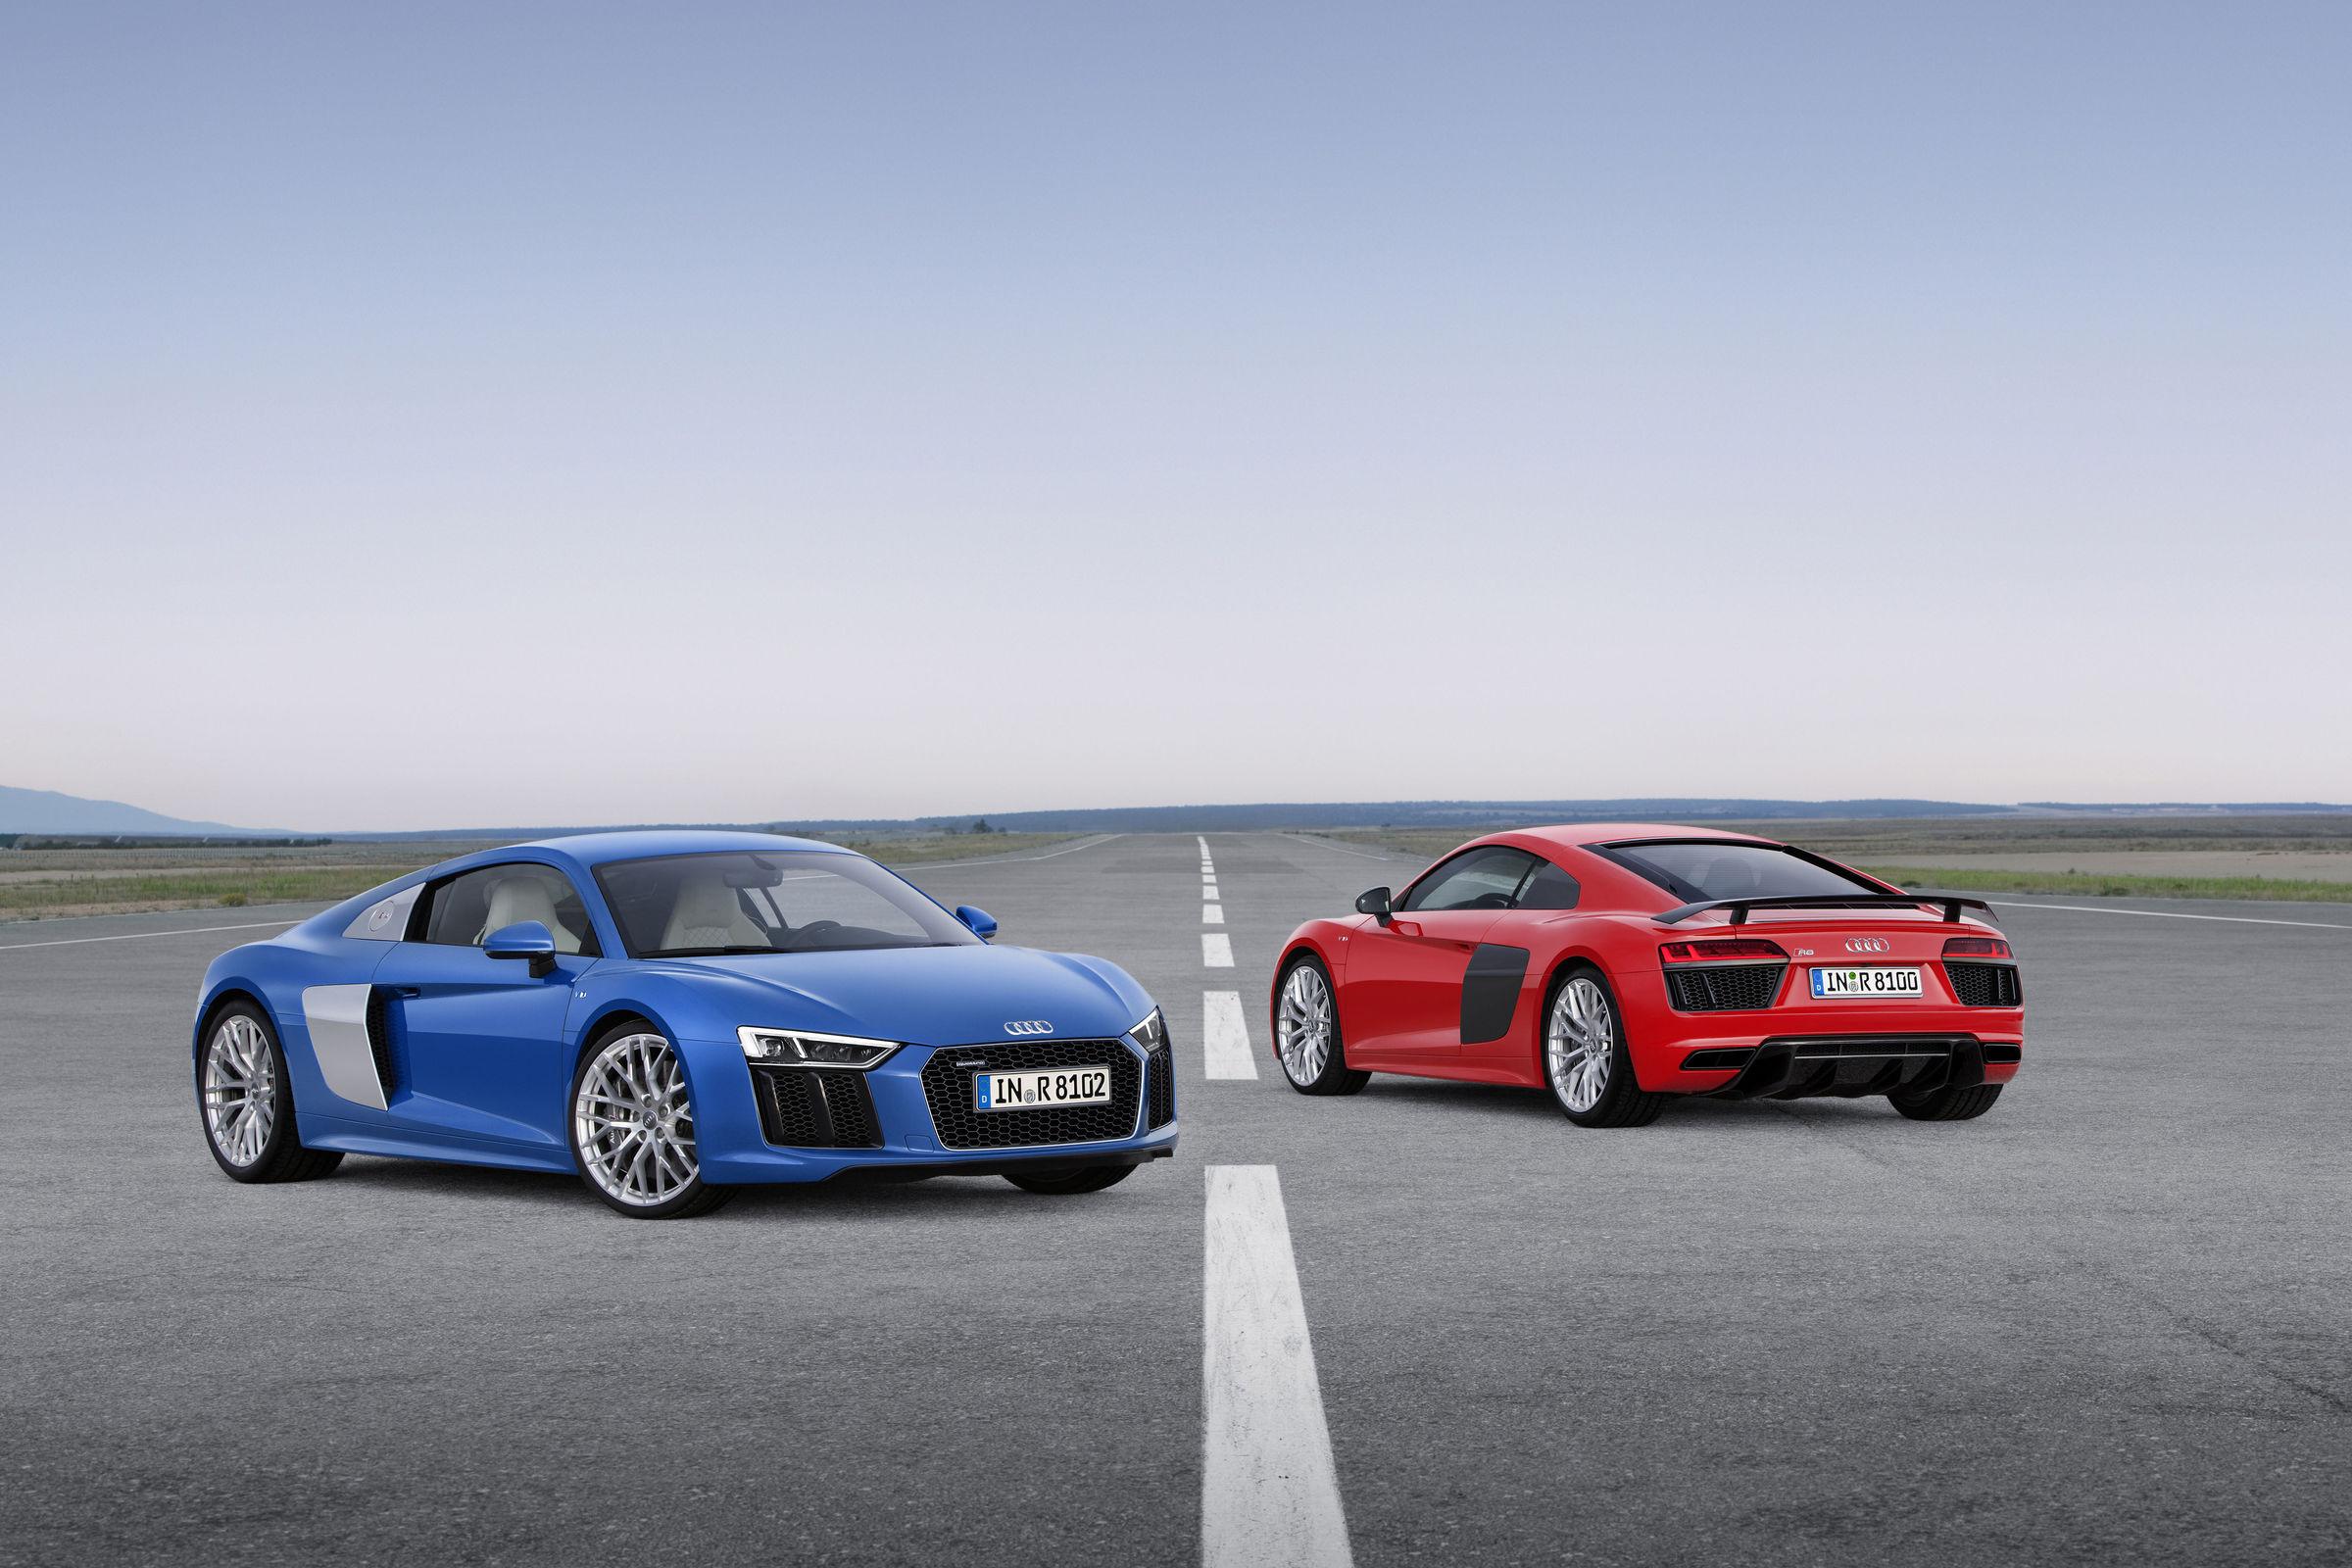 Audi R8 V10, Audi R8 V10 plus